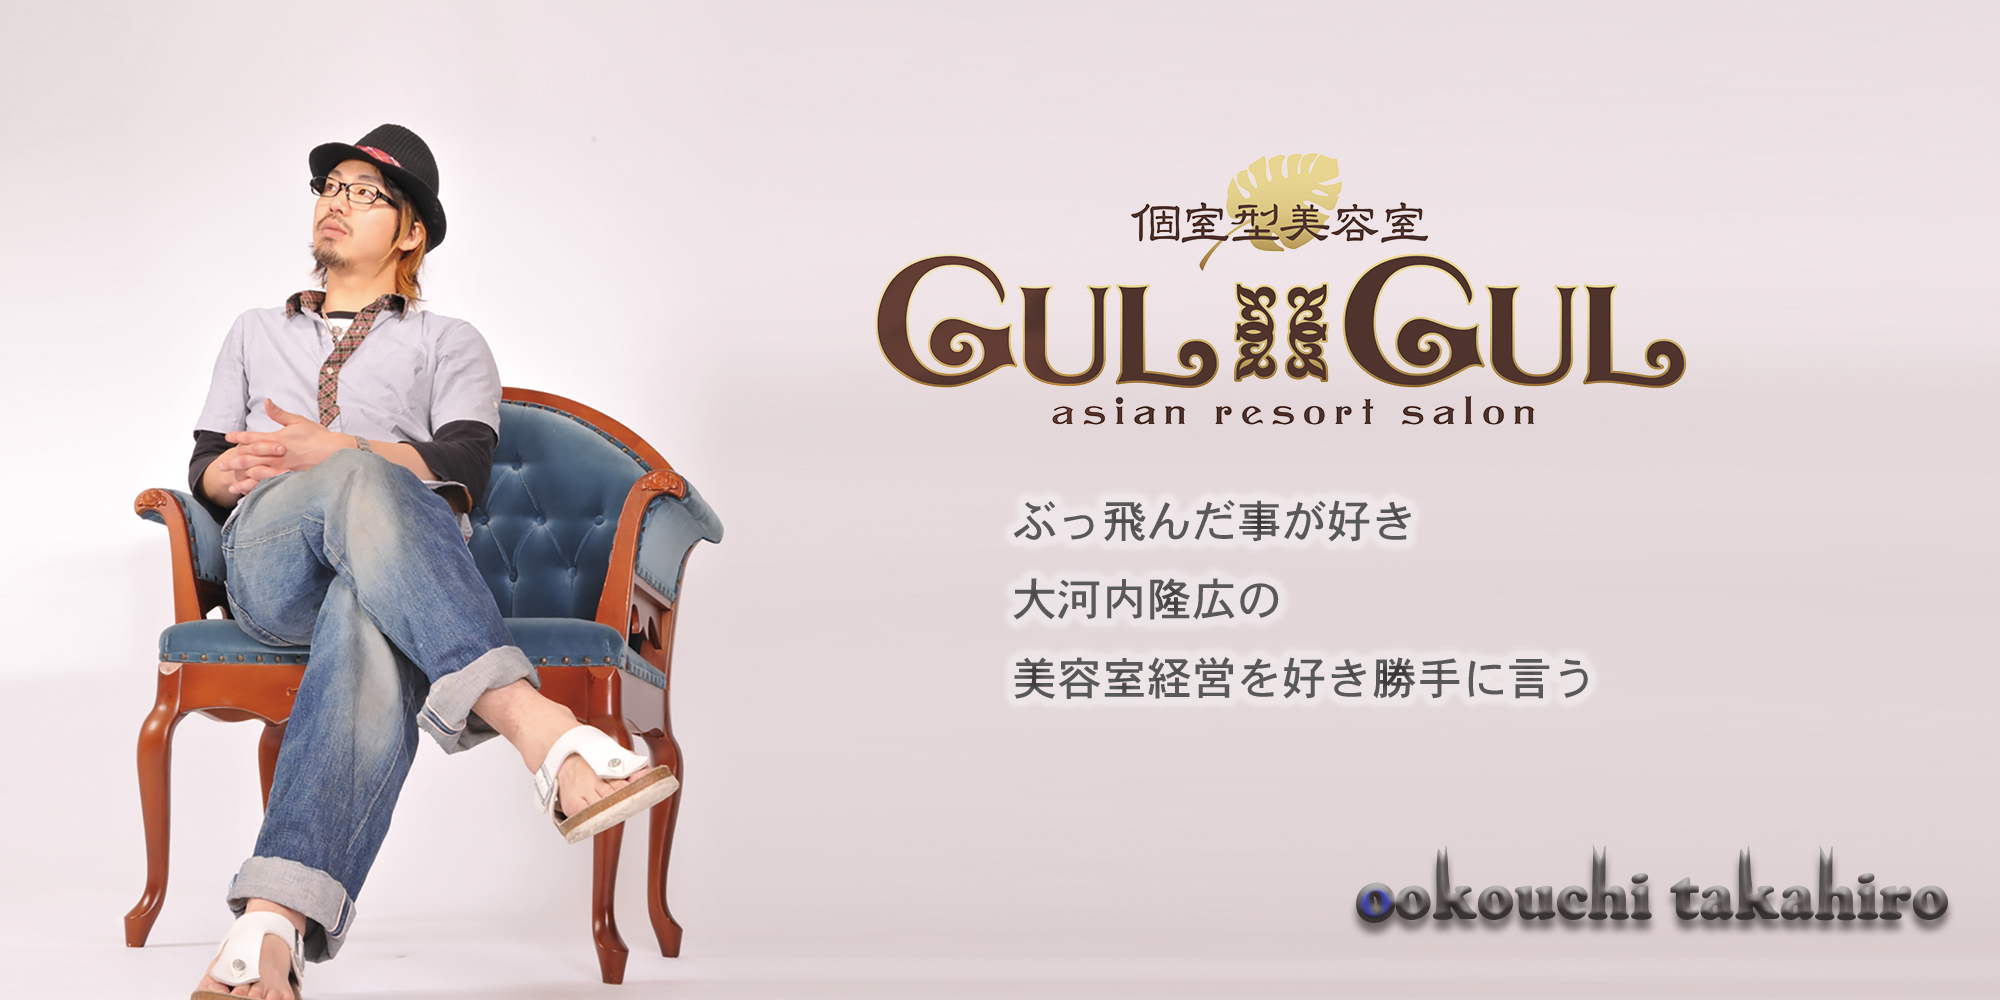 個室型美容室社長GULGUL大河内のブログ